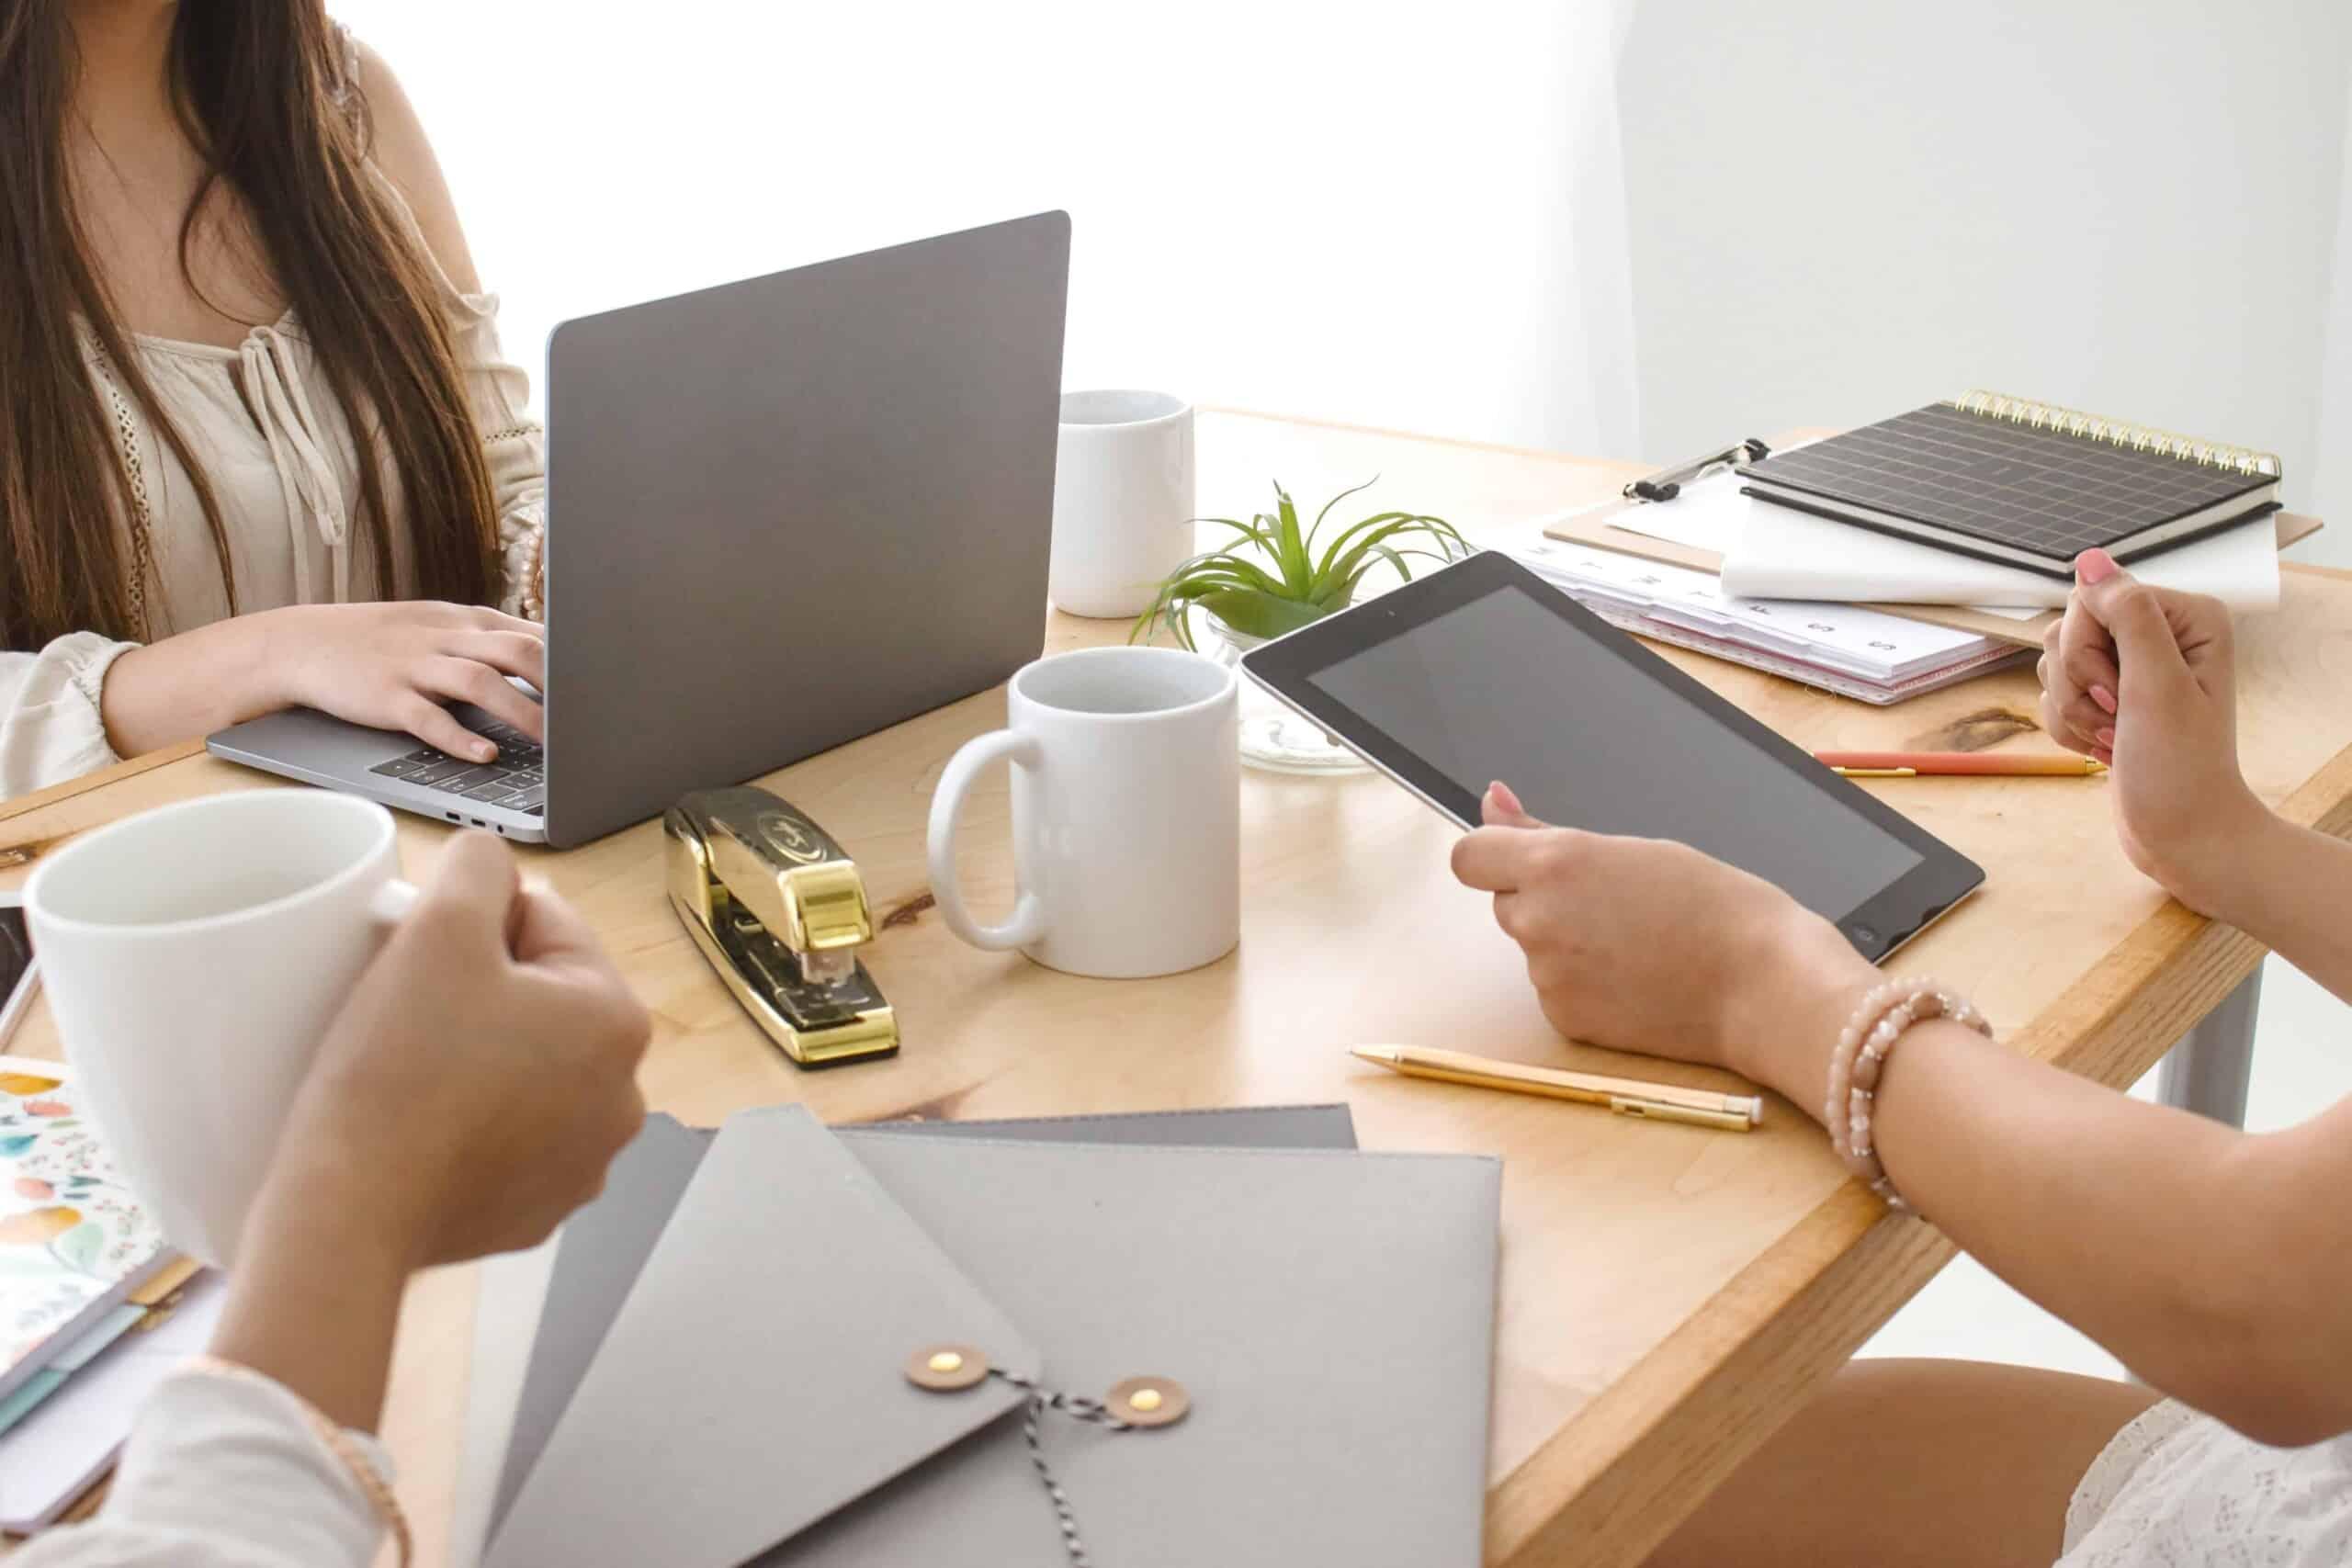 Female entrepreneurs working together at desk.